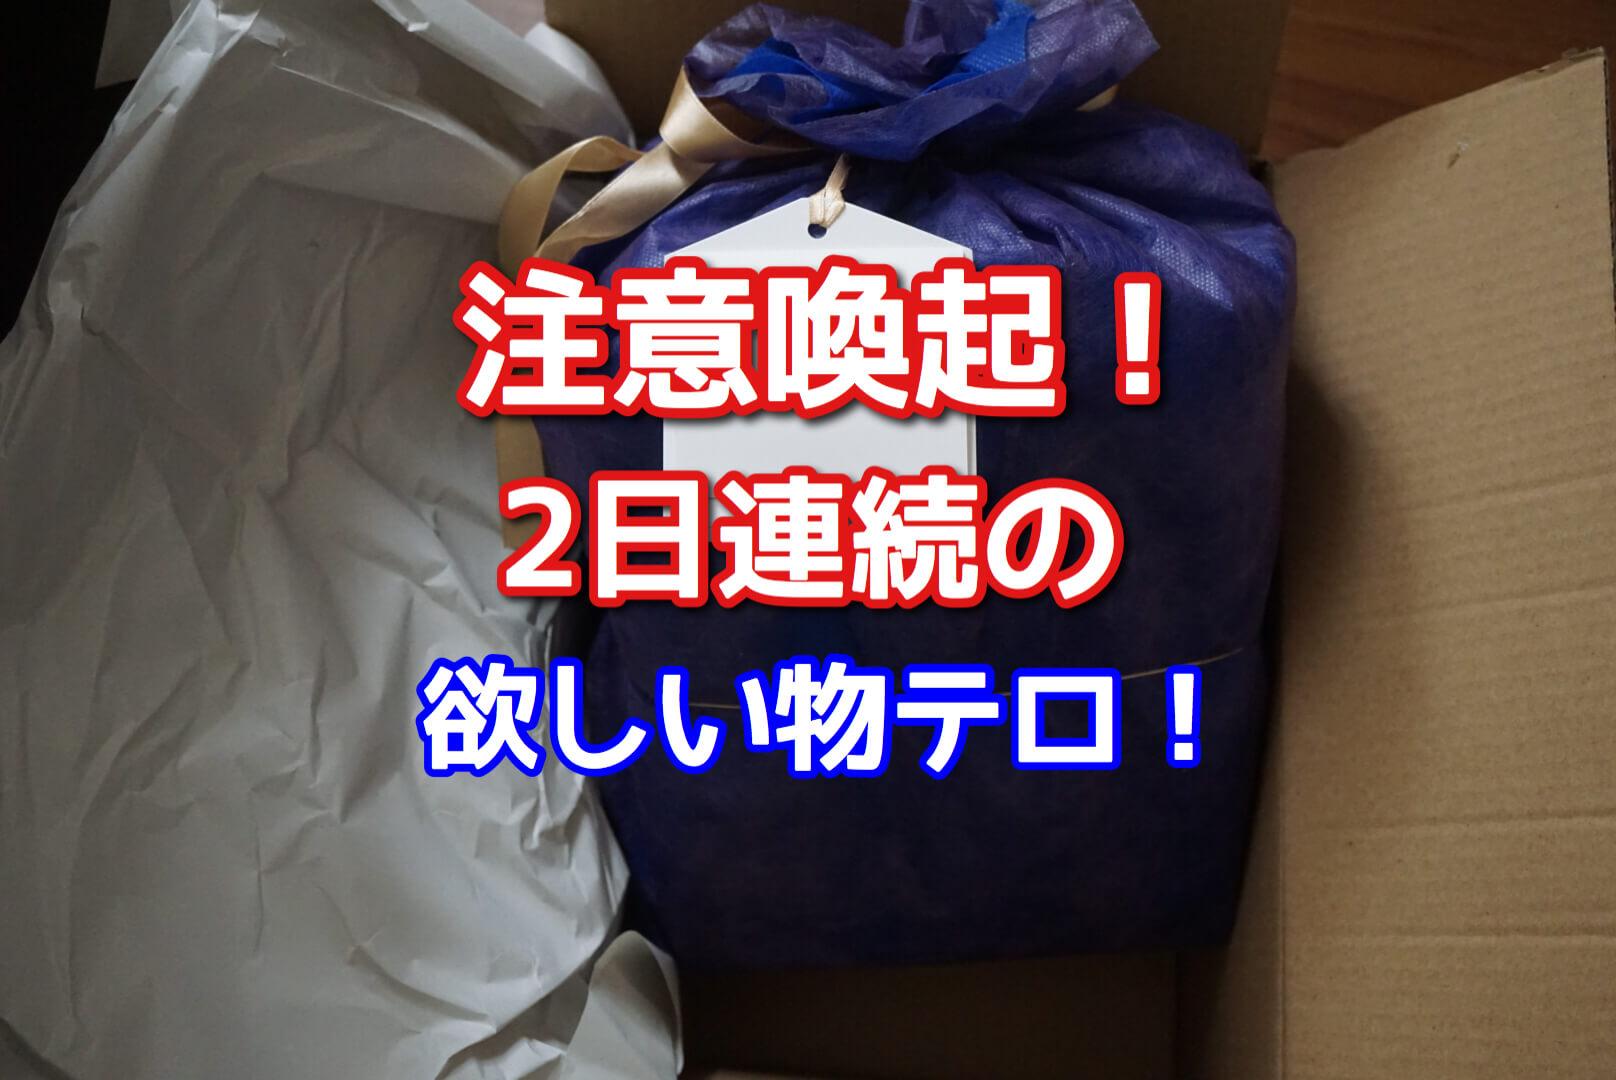 【悲報】2日連続欲しい物テロ勃発!注意喚起!